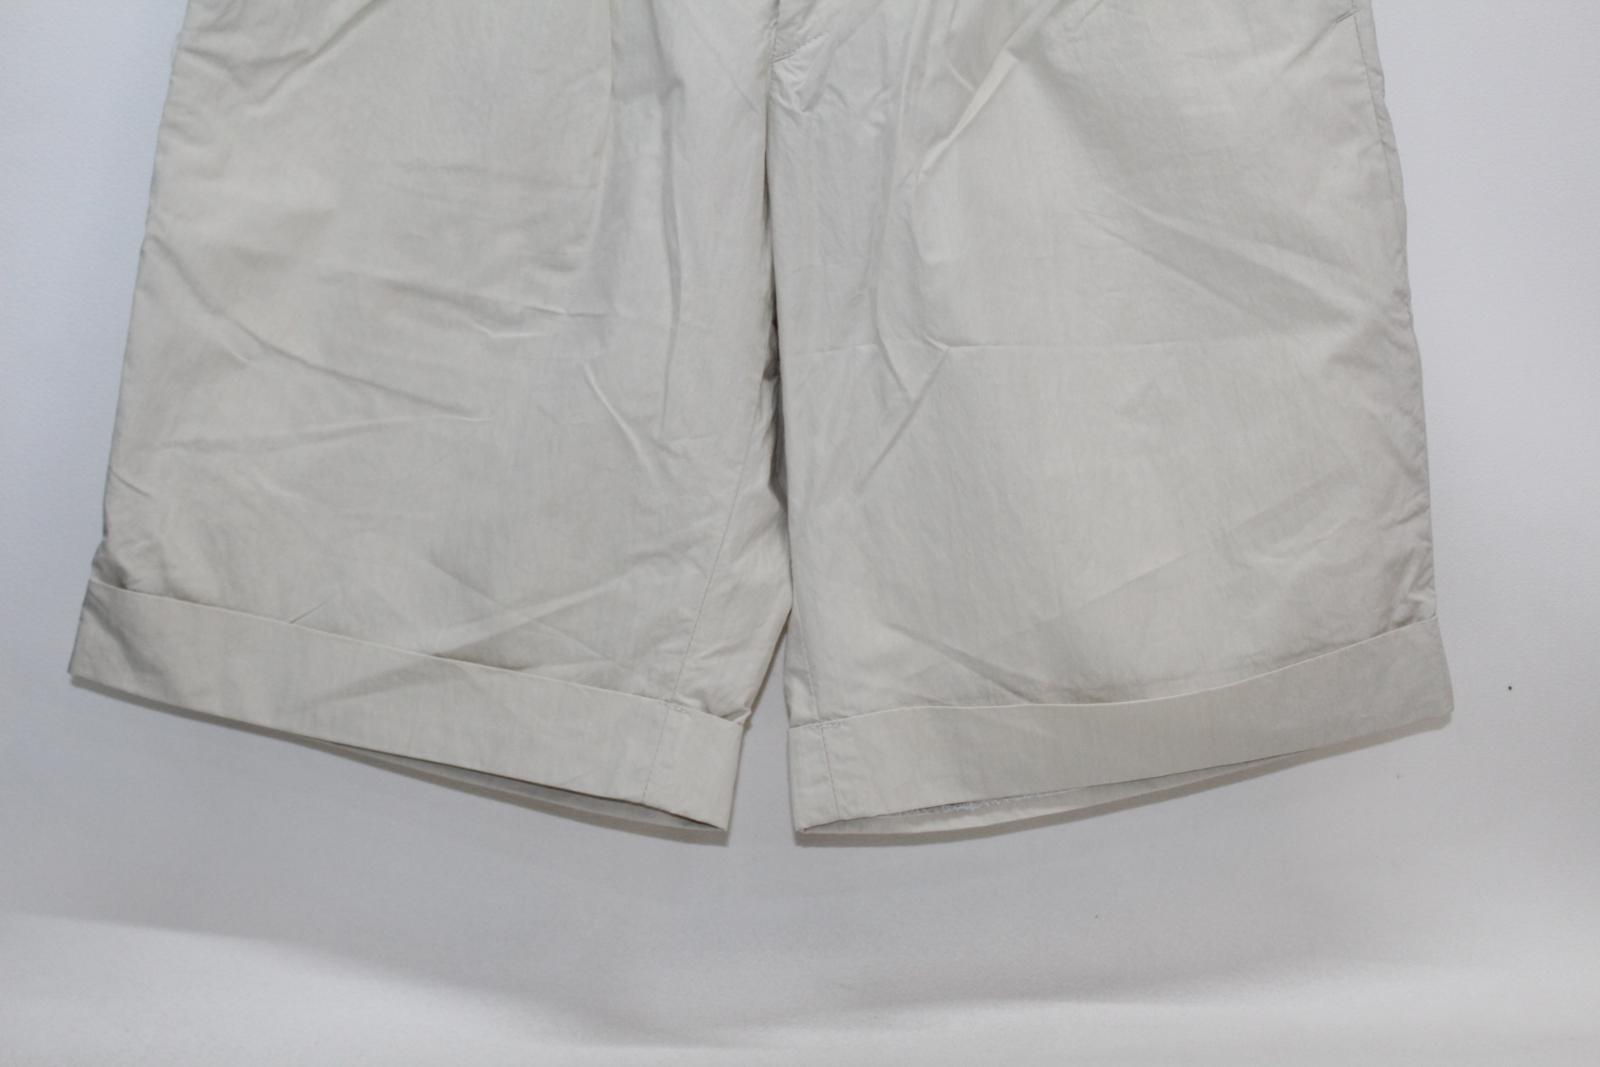 bianco bicchierini frontali taglia cotone in scuro W30 piatti beige Hurwundeki e Pantaloncini uomo da Upn0wqx4